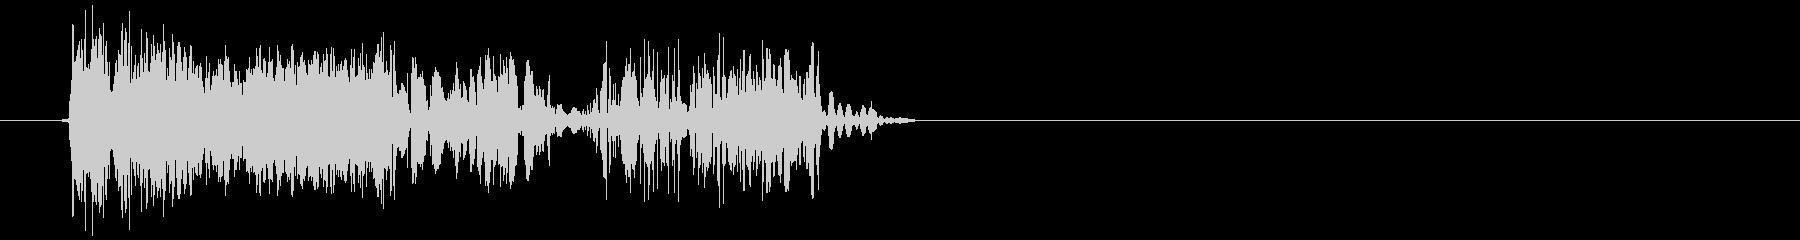 短い静的ヒット1の未再生の波形